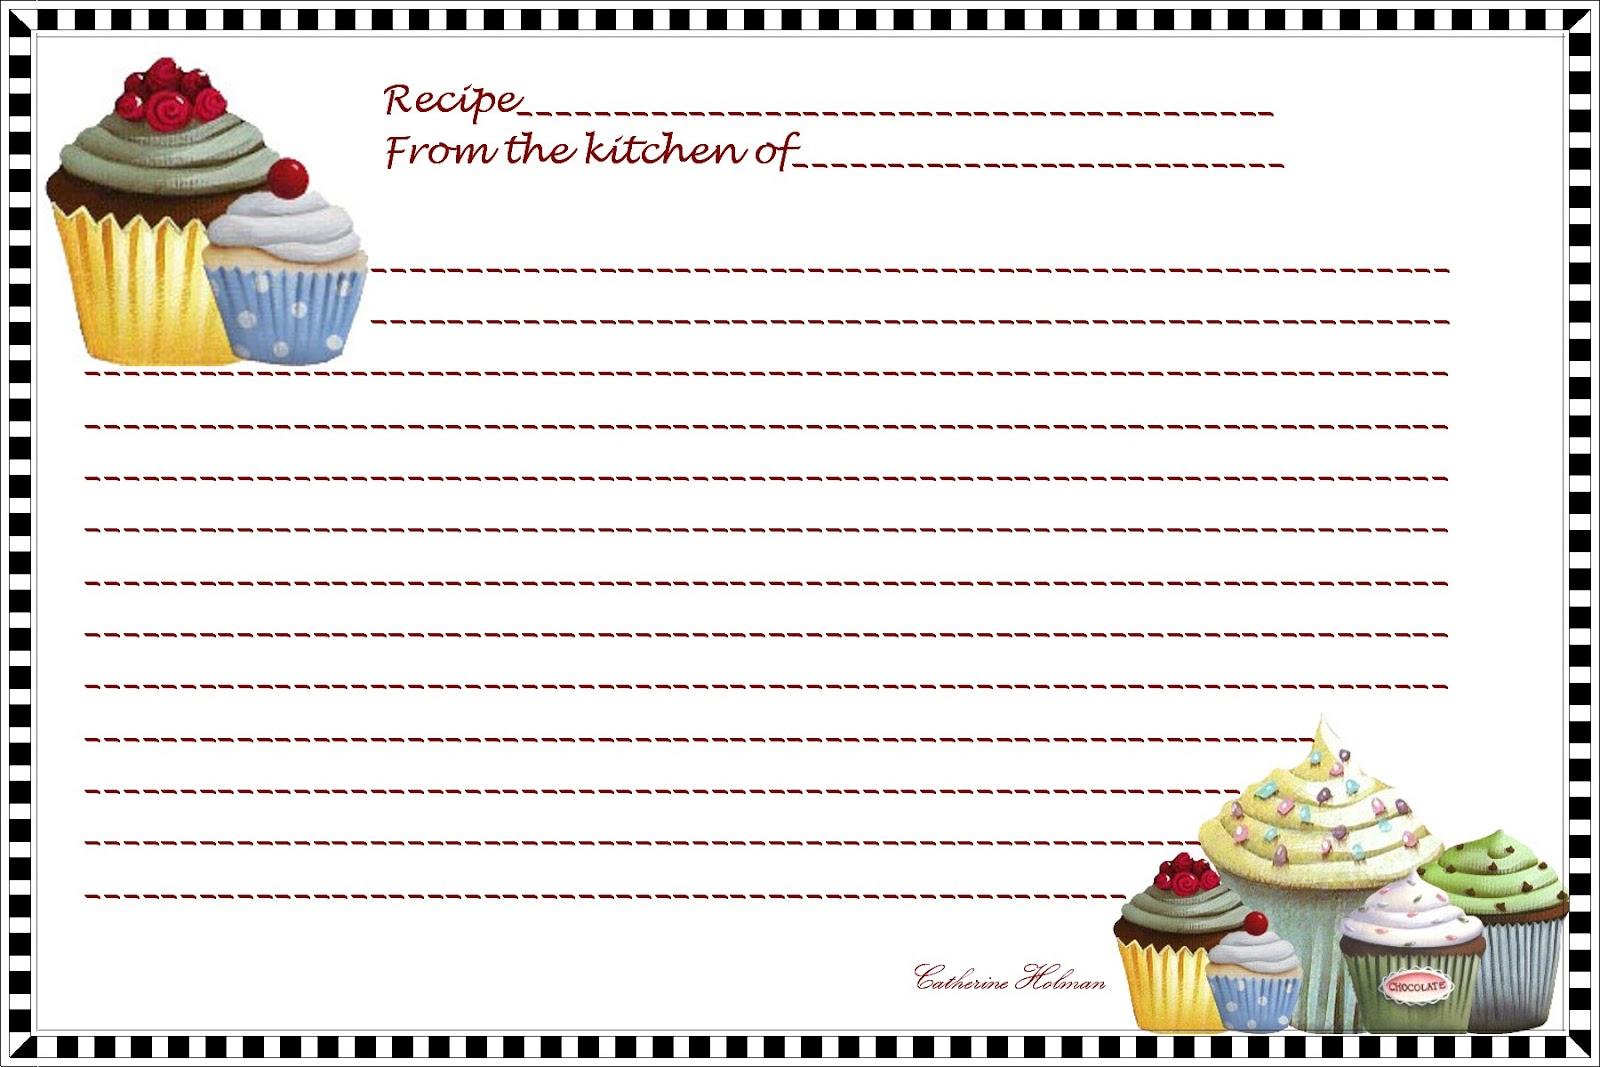 recipe index card template